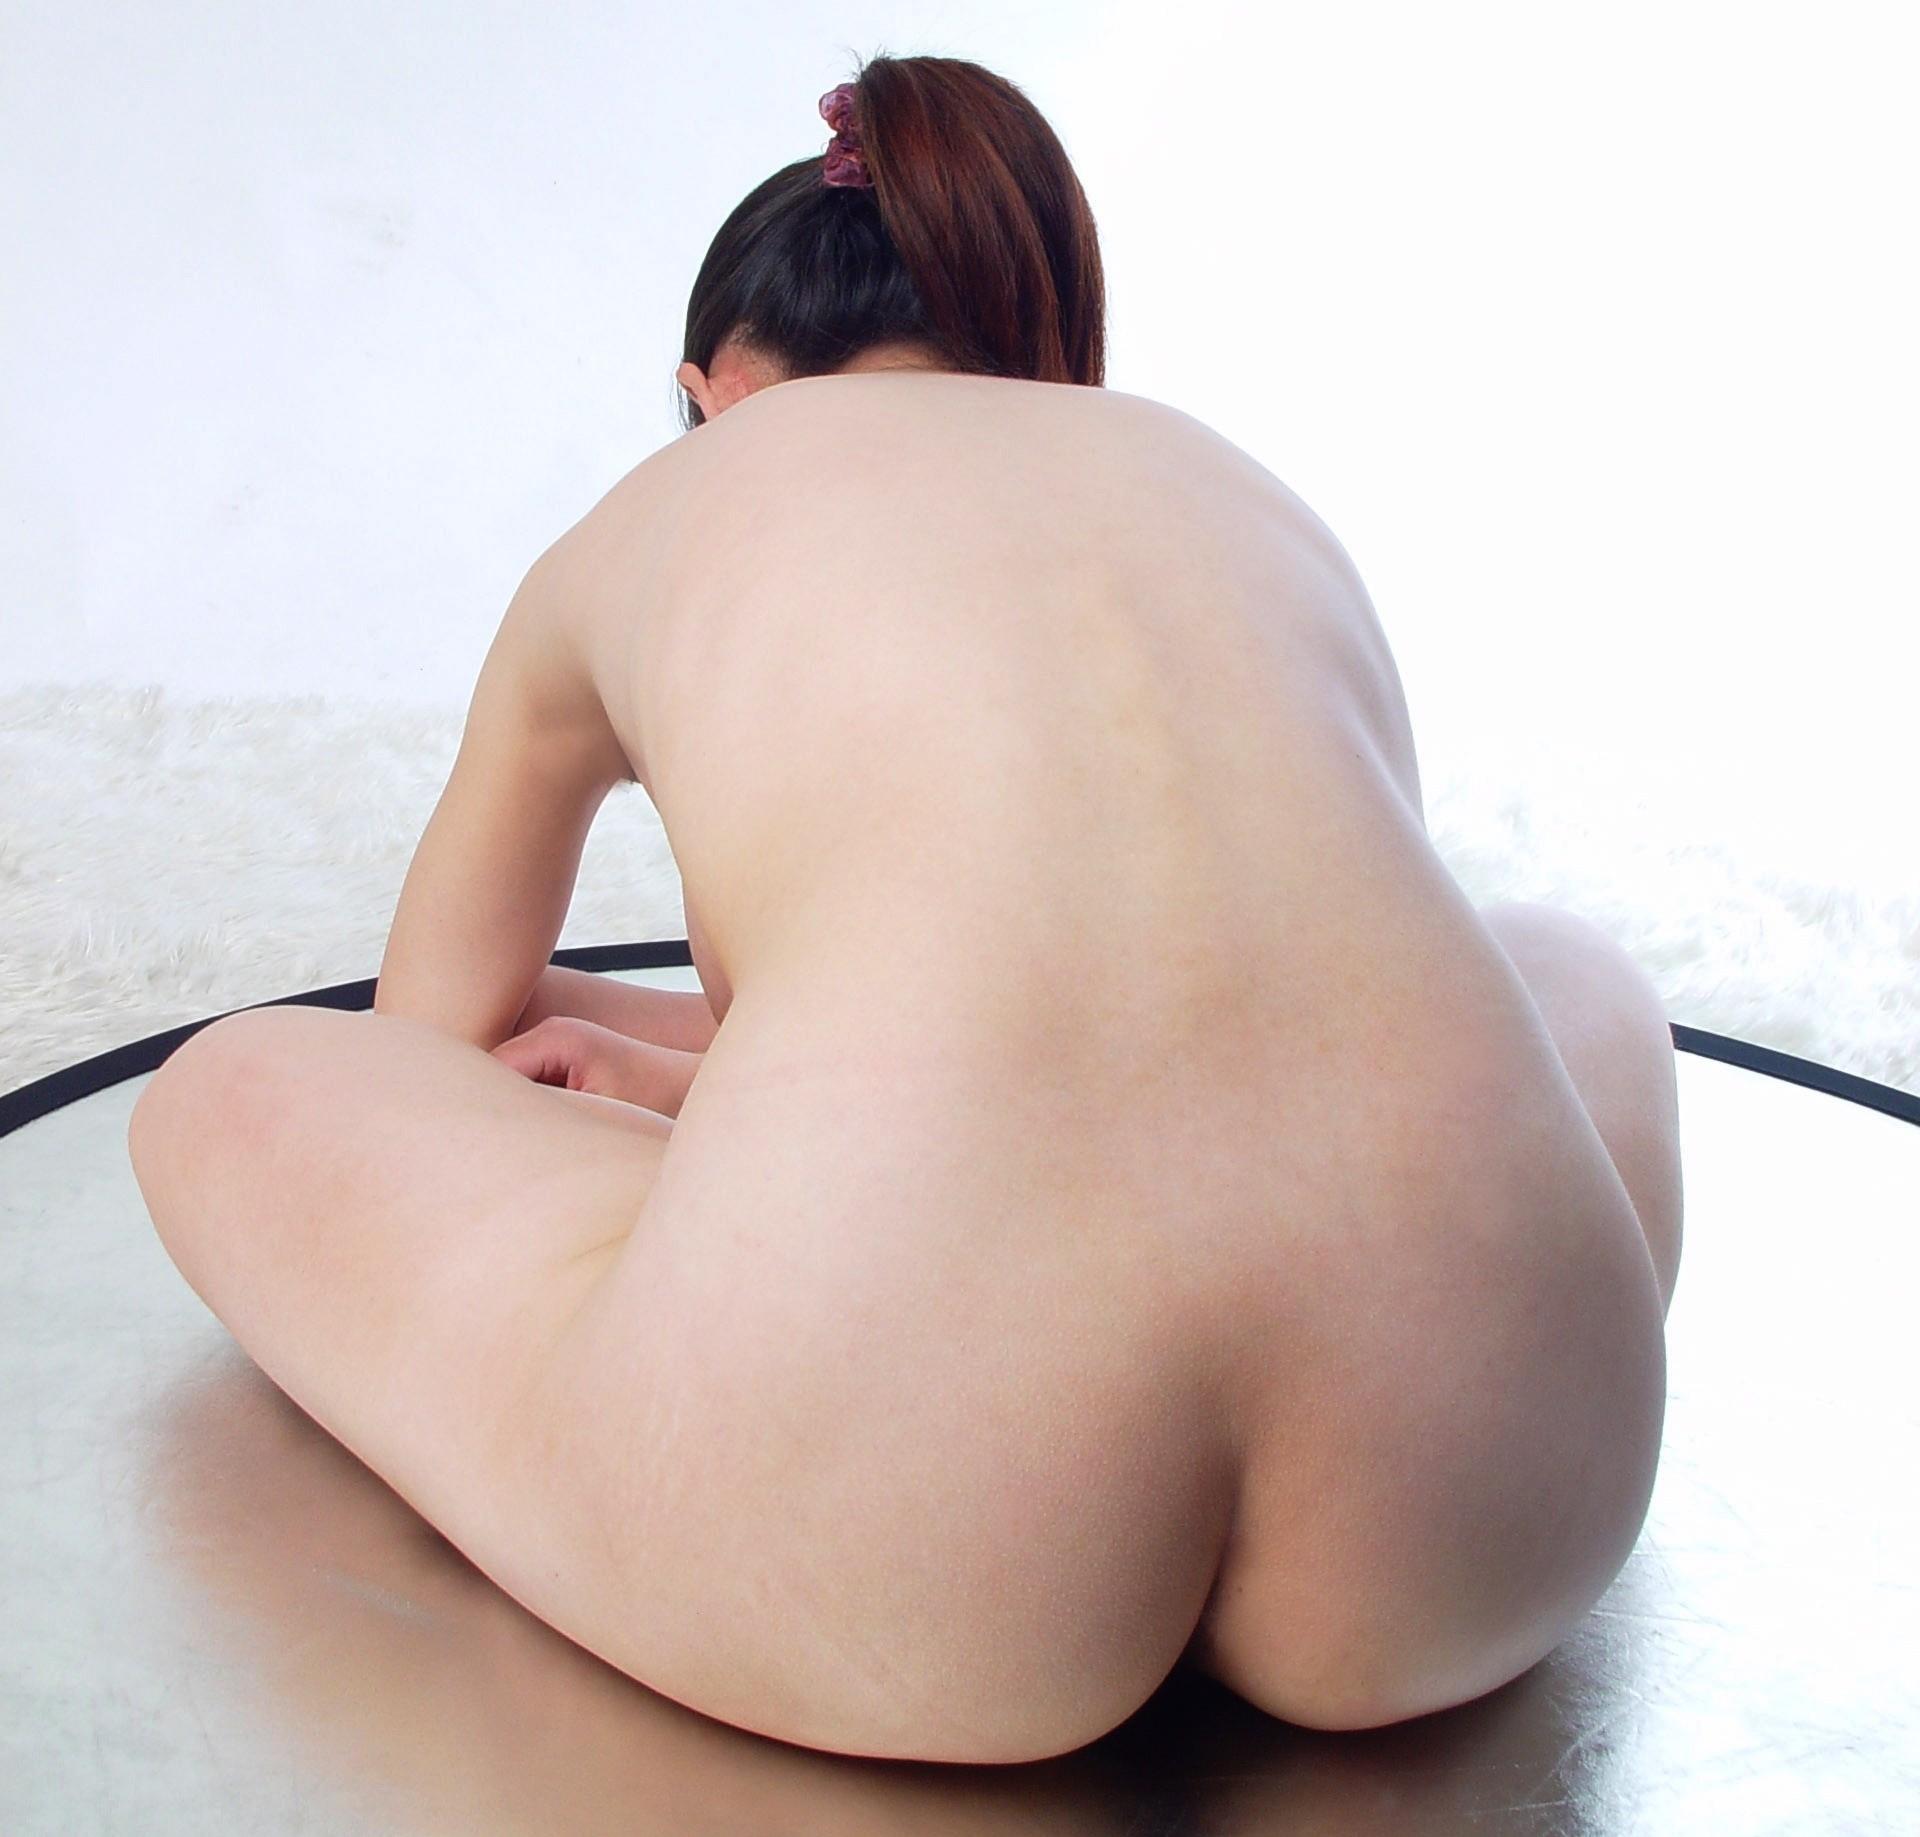 【背中エロ画像】舌を這わせてみたい…性感帯が隠れてる事もある女の背中(;´∀`)